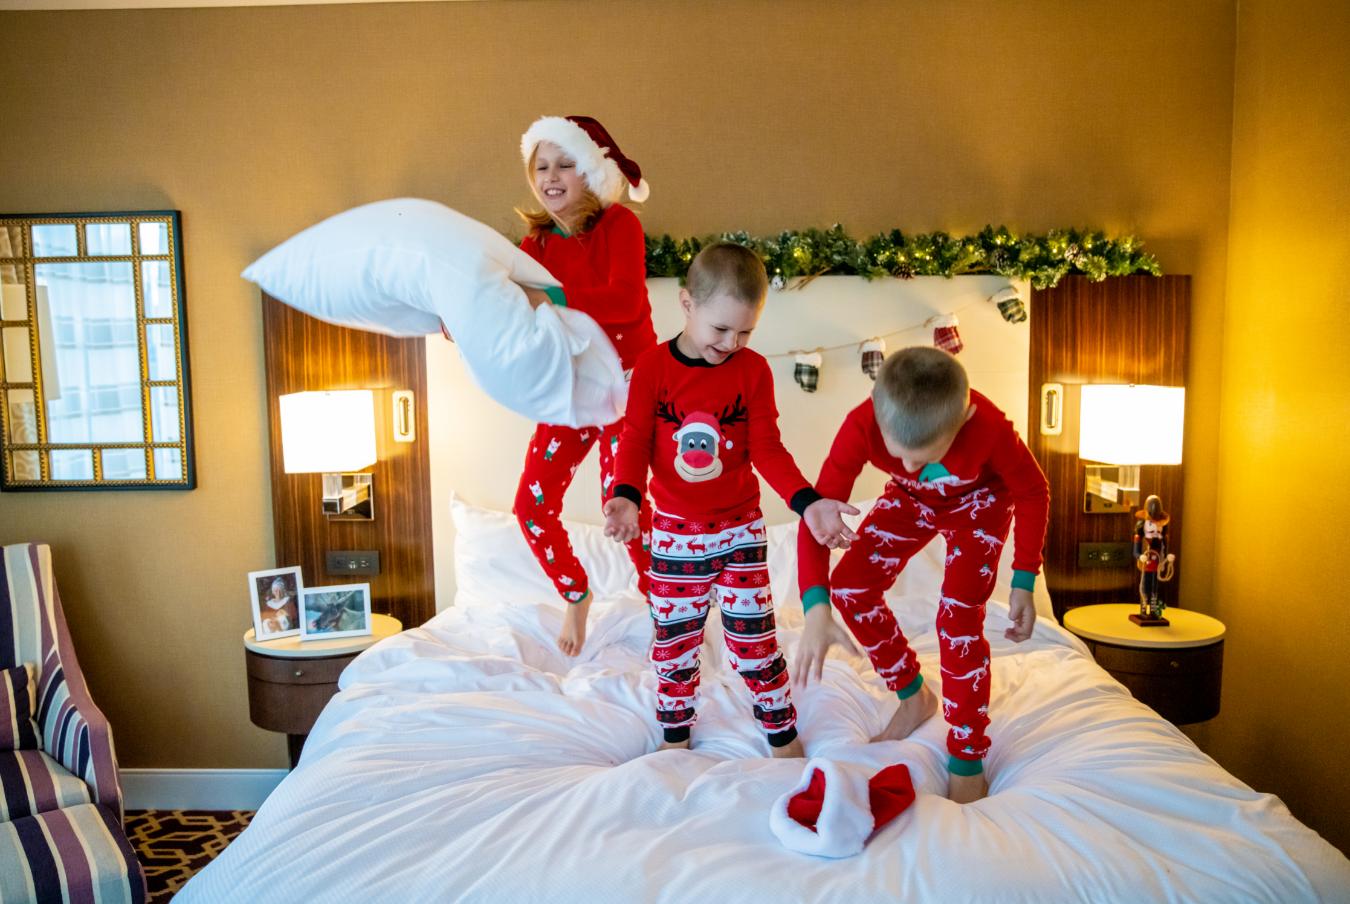 fairmont austin santa suite